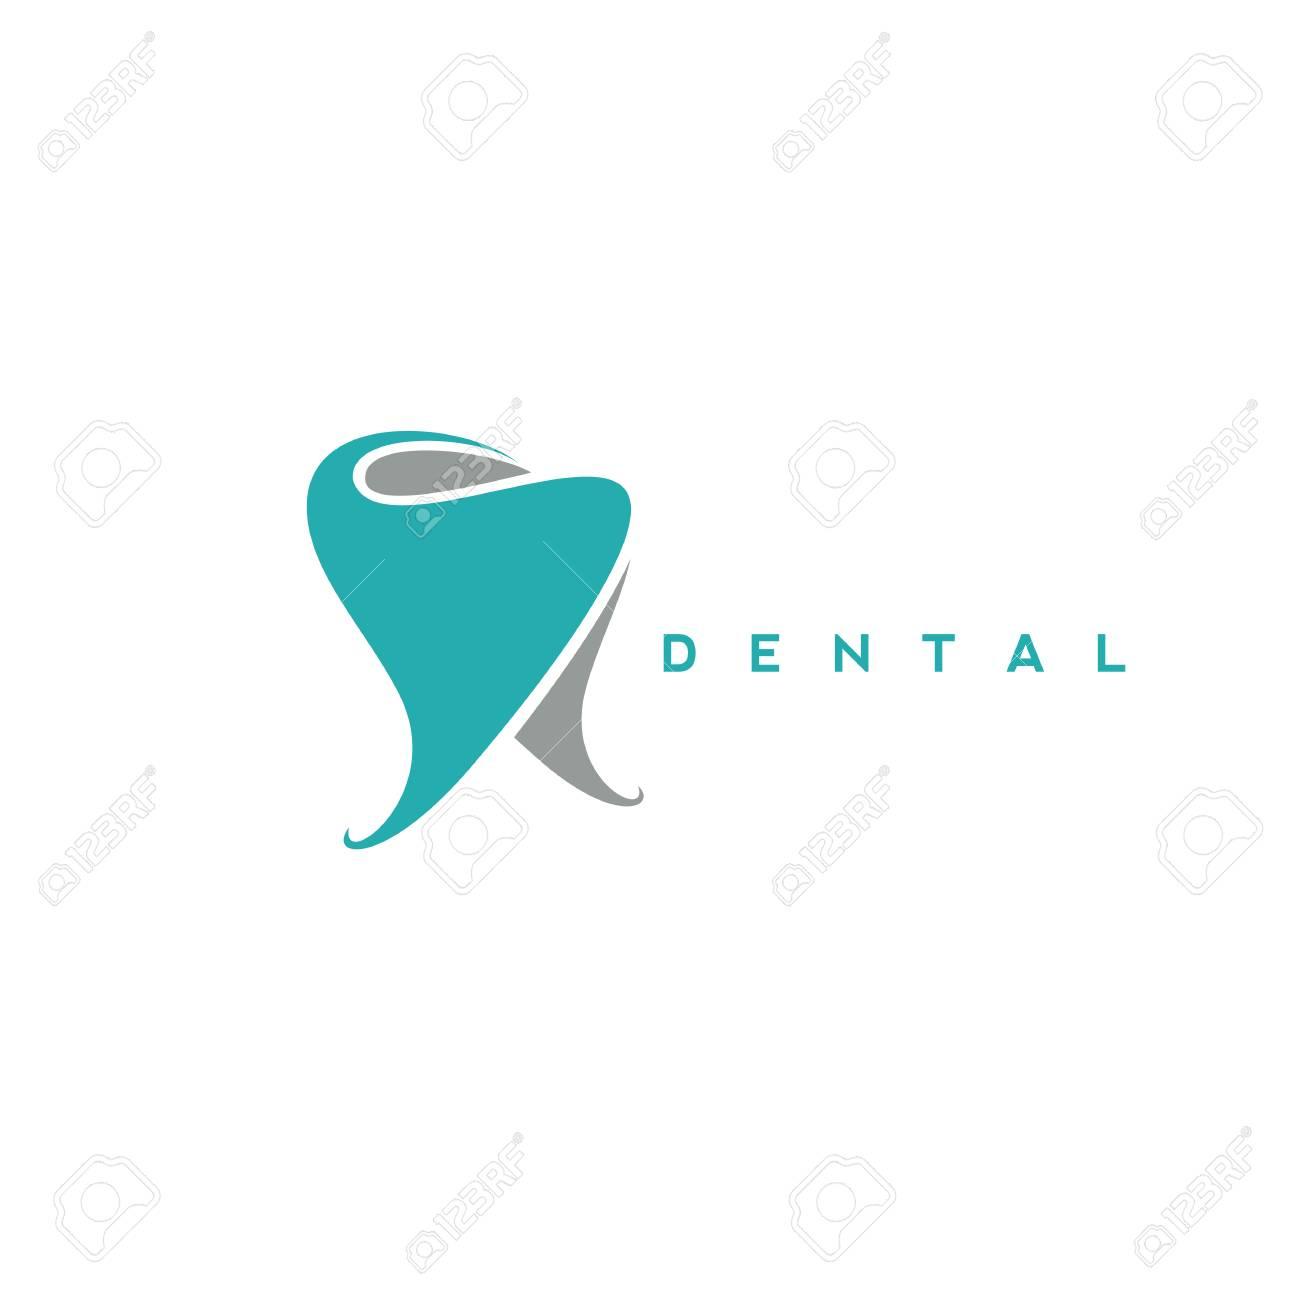 minimal logo of dental symbol vector illustration - 94762214